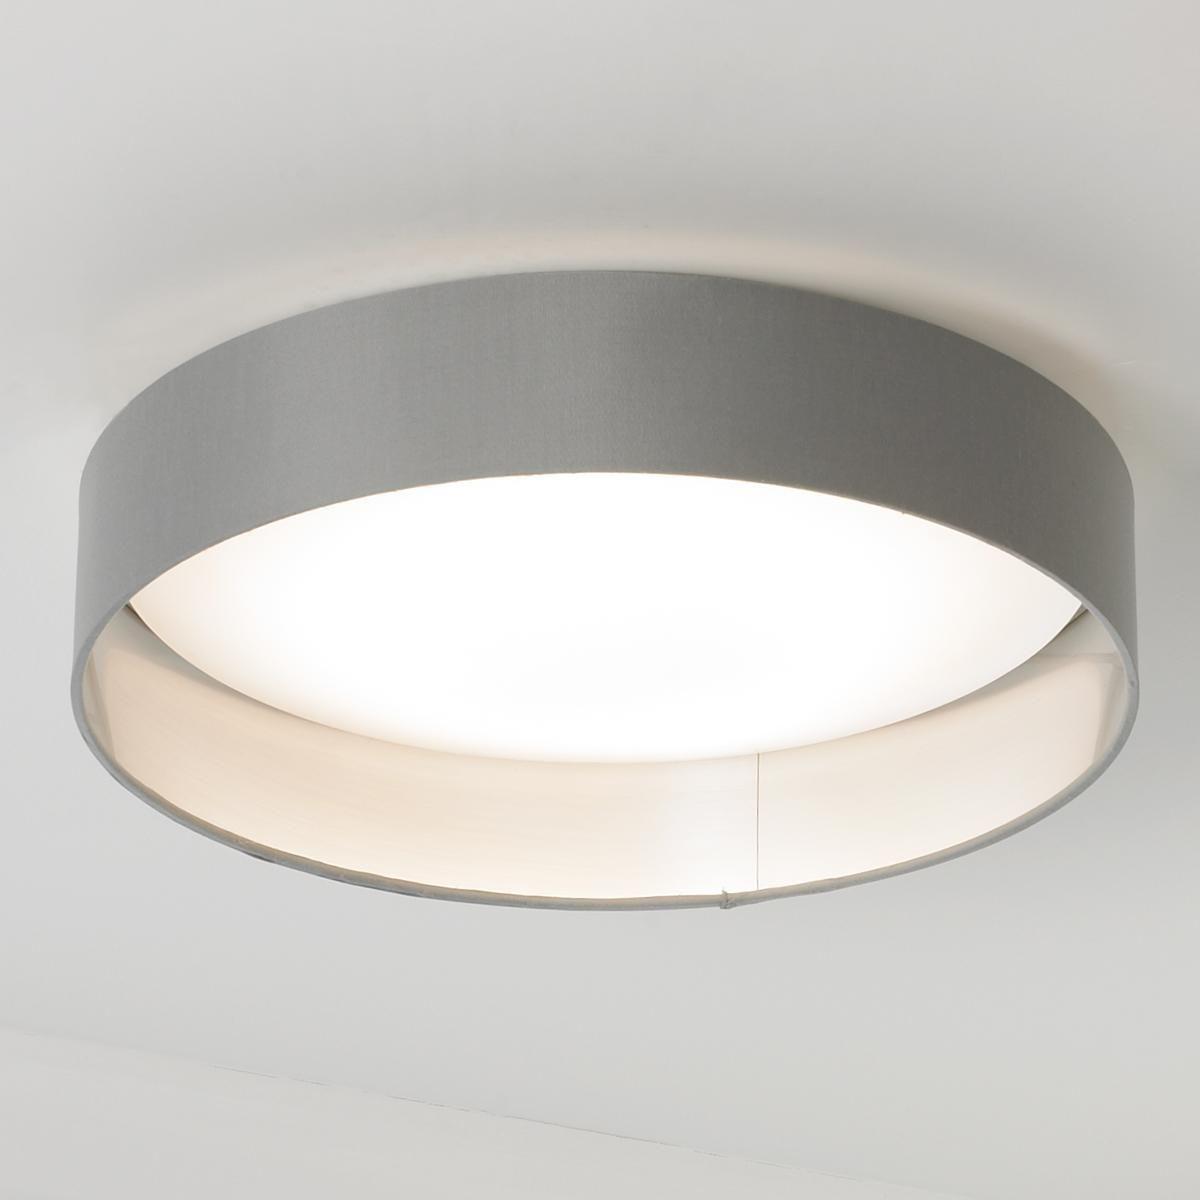 Modern Ringed LED Ceiling Light Ceiling Lights Ceilings And Modern - Basement light fixture